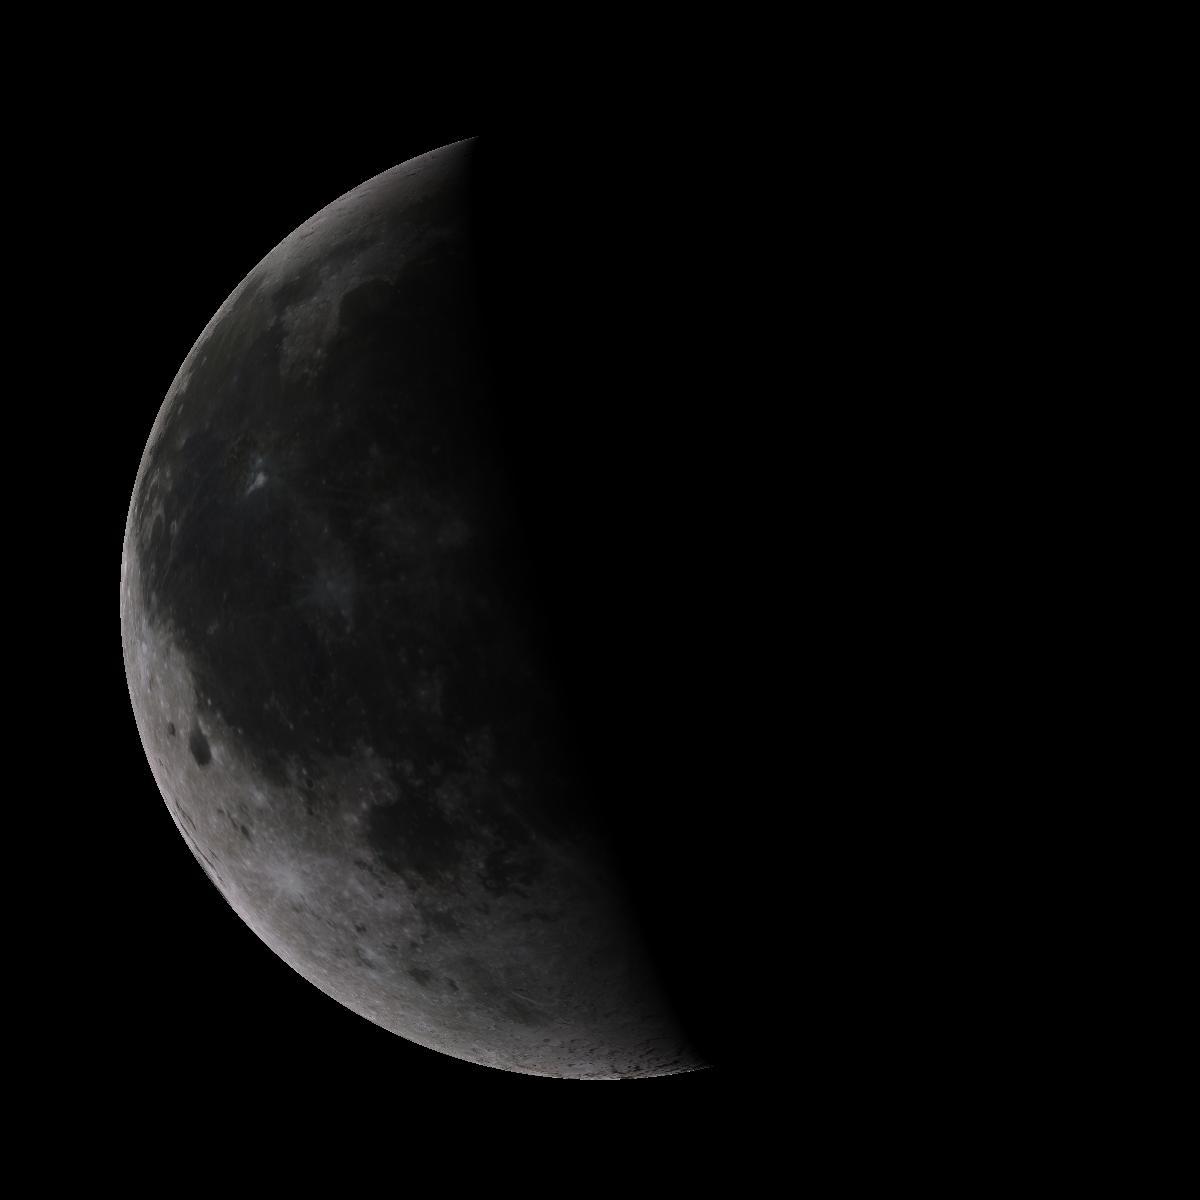 Lune du 22 octobre 2019